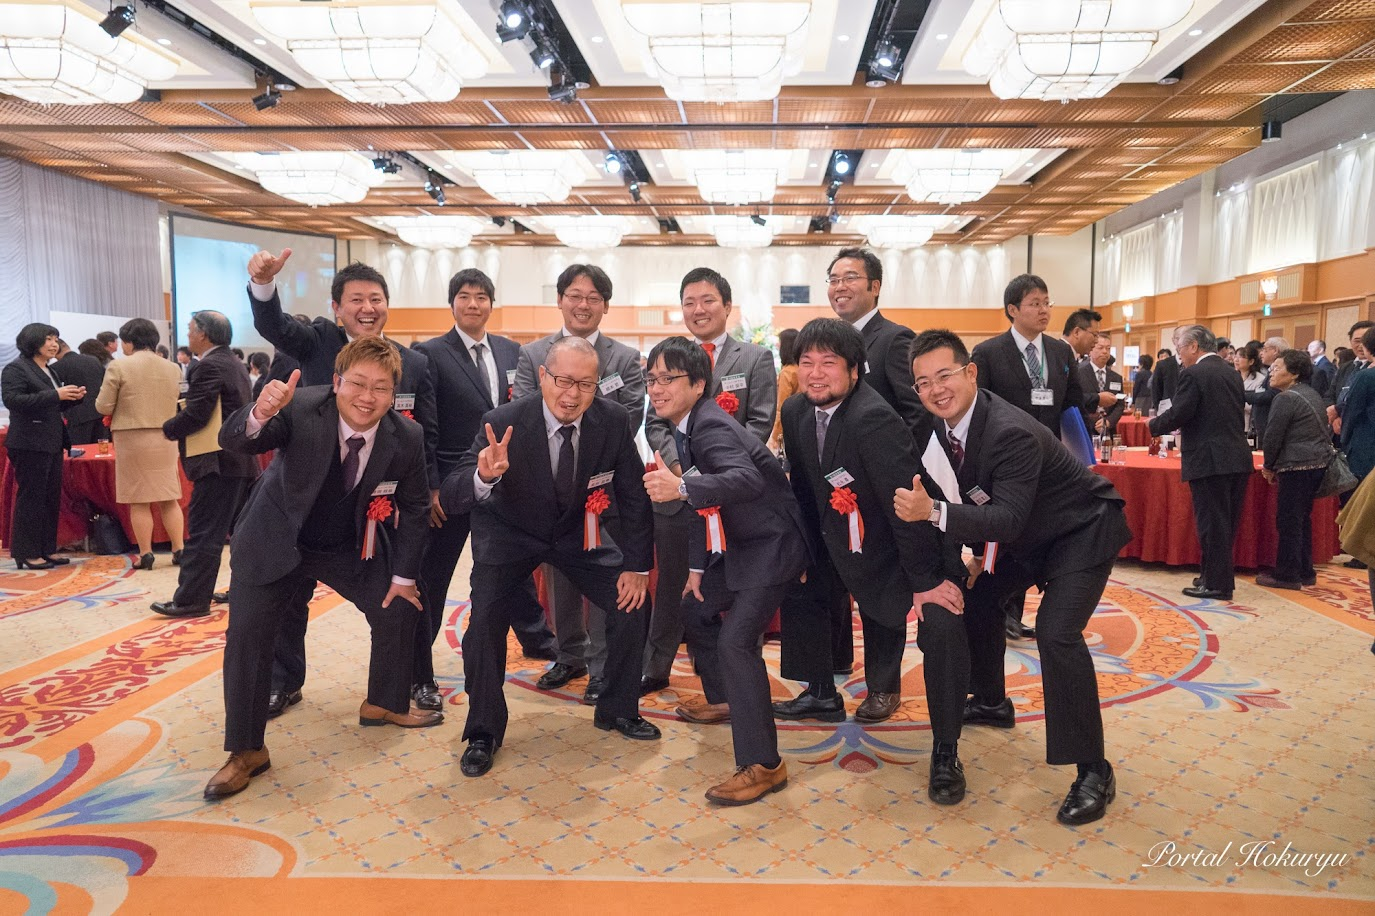 コープさっぽろ農業賞・交流賞部門・札幌市長賞を受賞したチームノースドラゴン(北竜町)の皆さん